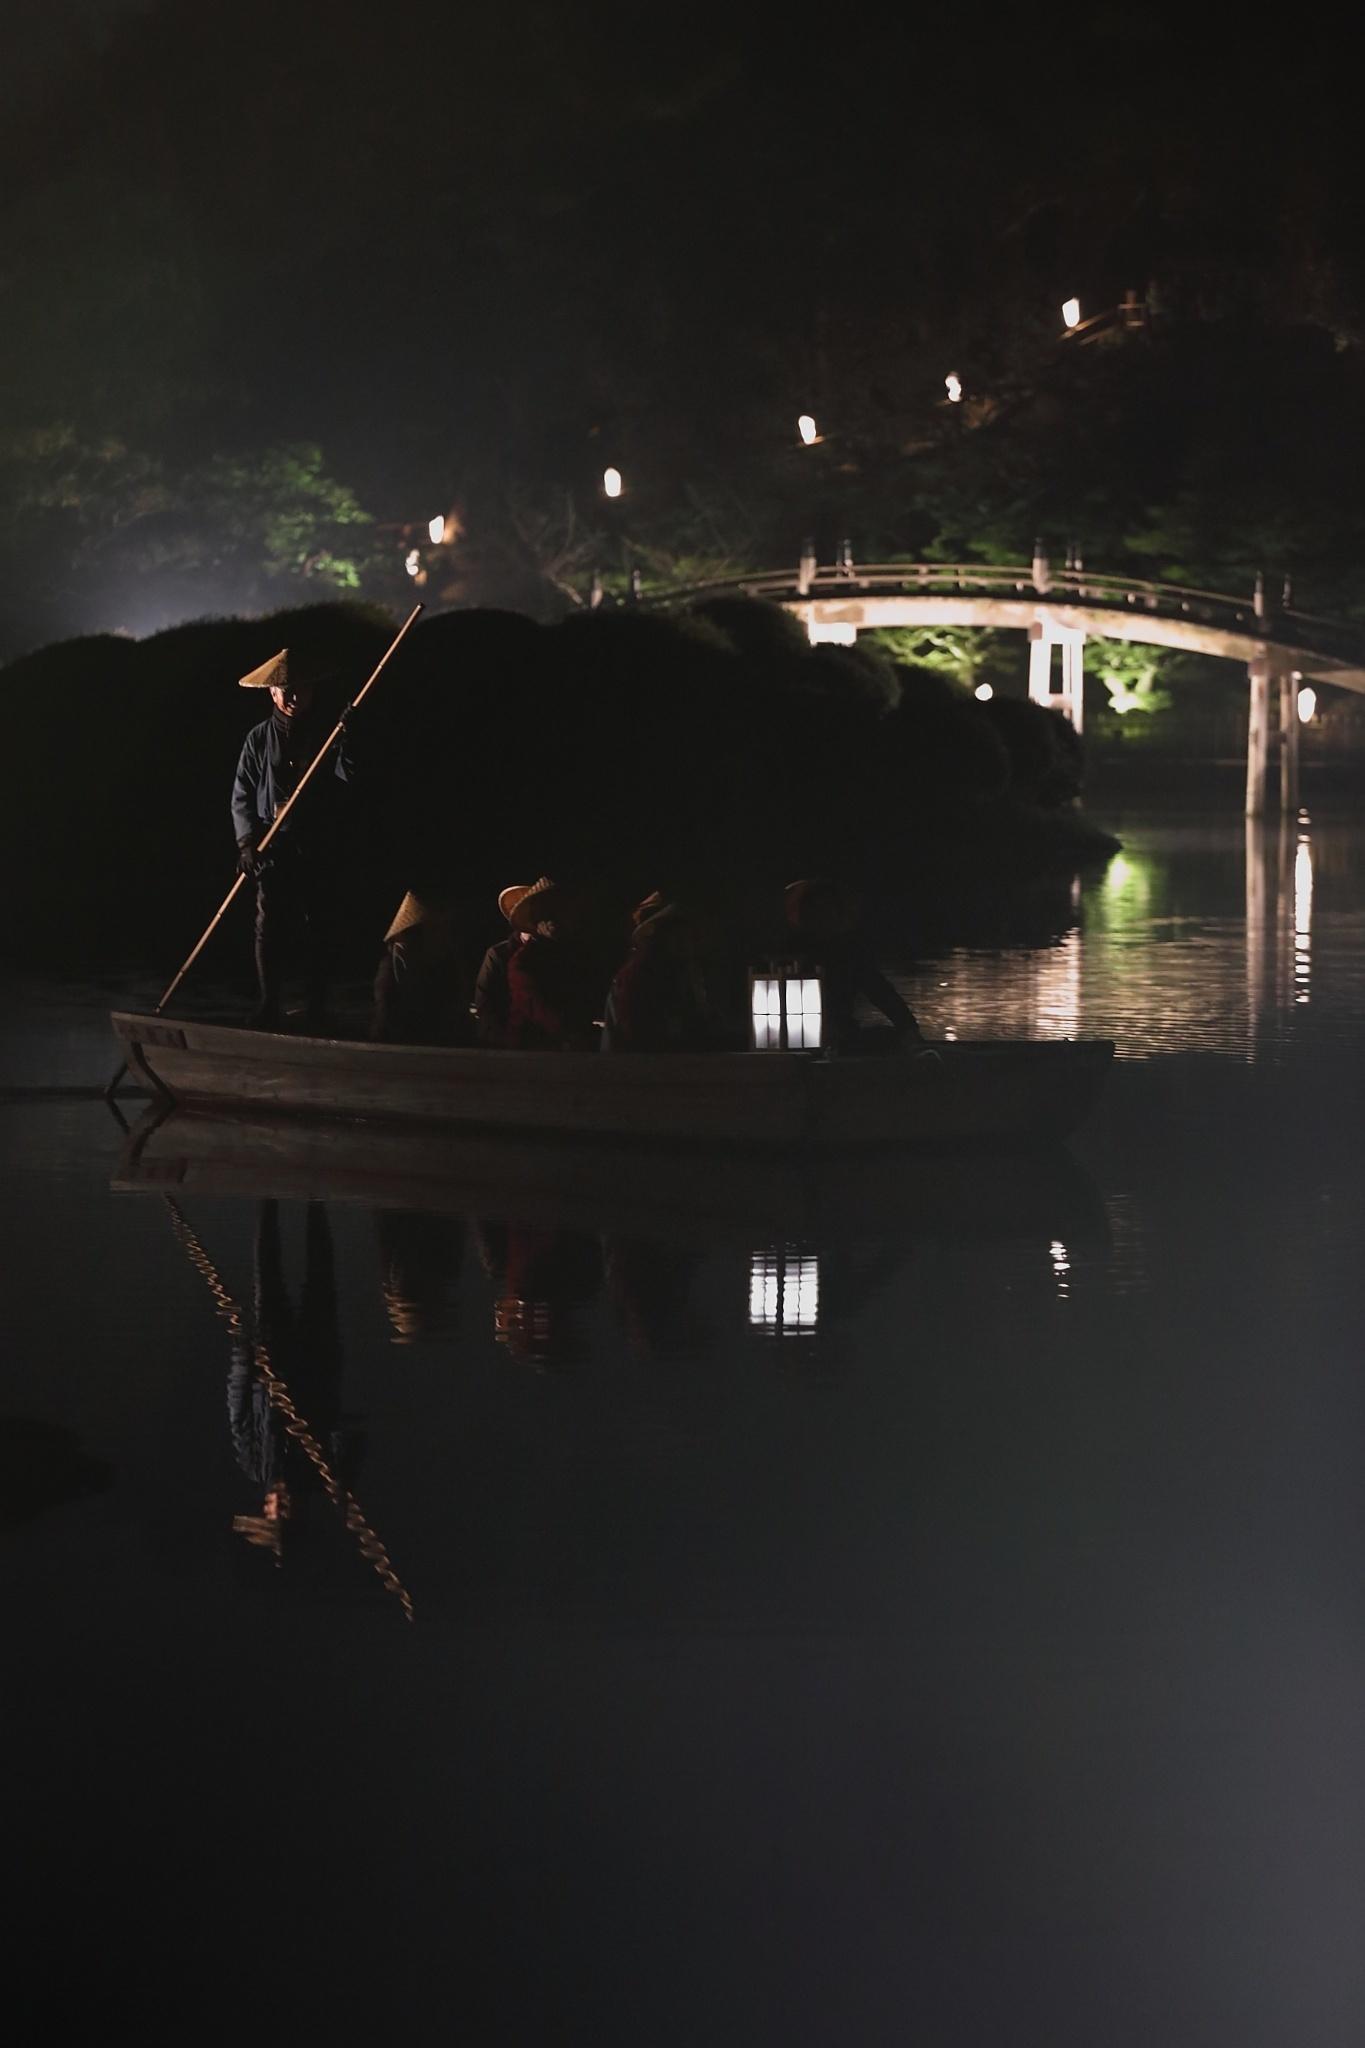 栗林公園 秋のライトアップ 2015 和船_d0081605_37519.jpg